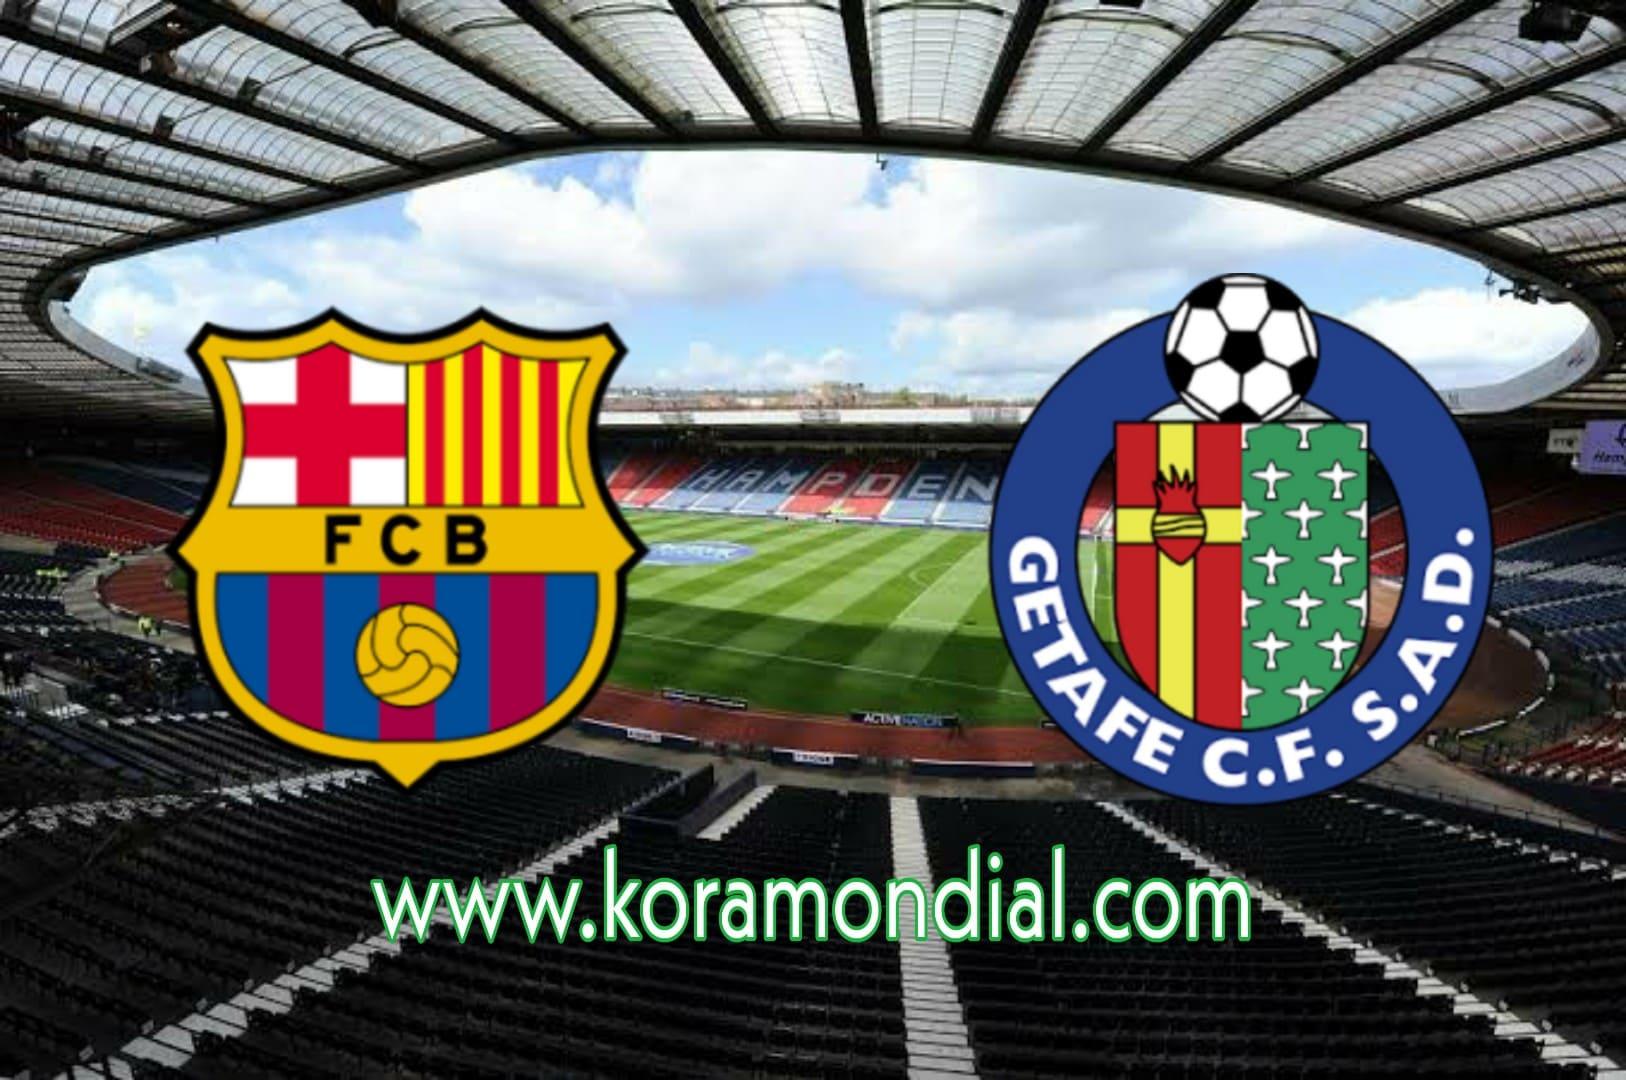 مشاهدة مباراة برشلونة و خيتافي بث مباشر اليوم 17-10-2020 في الدوري الإسباني